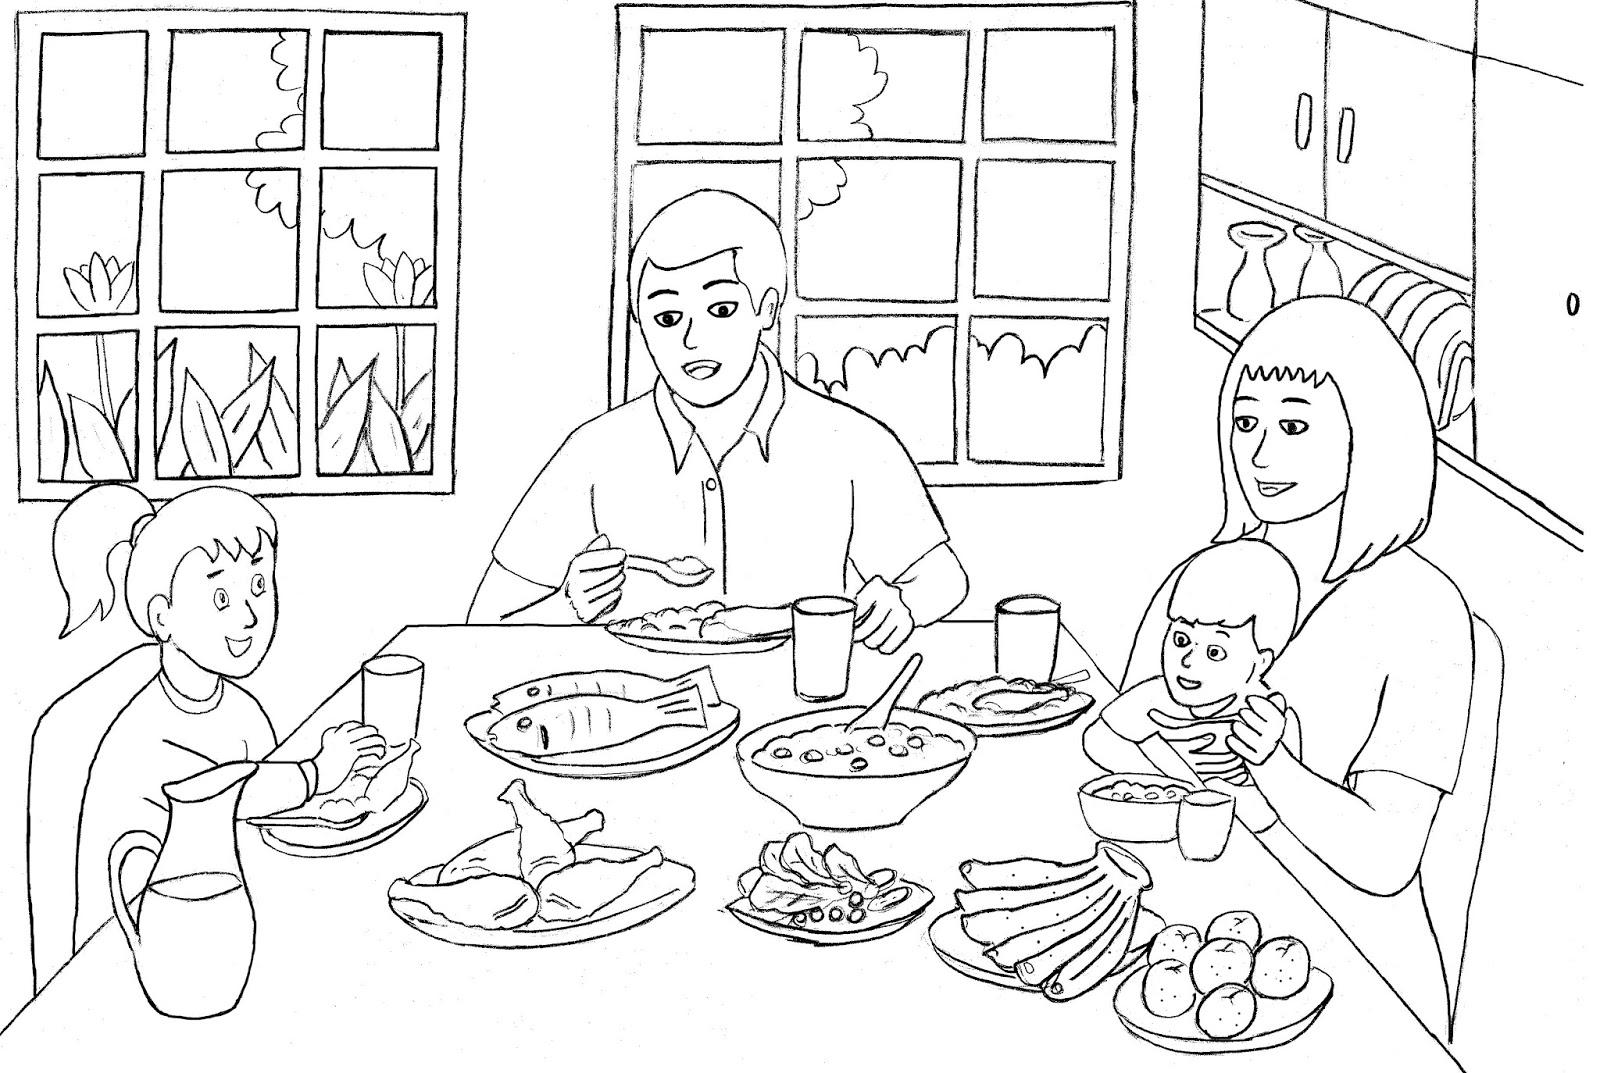 Gambar Mewarnai Keluarga Makan Bersama Colouring Family Eating To Her